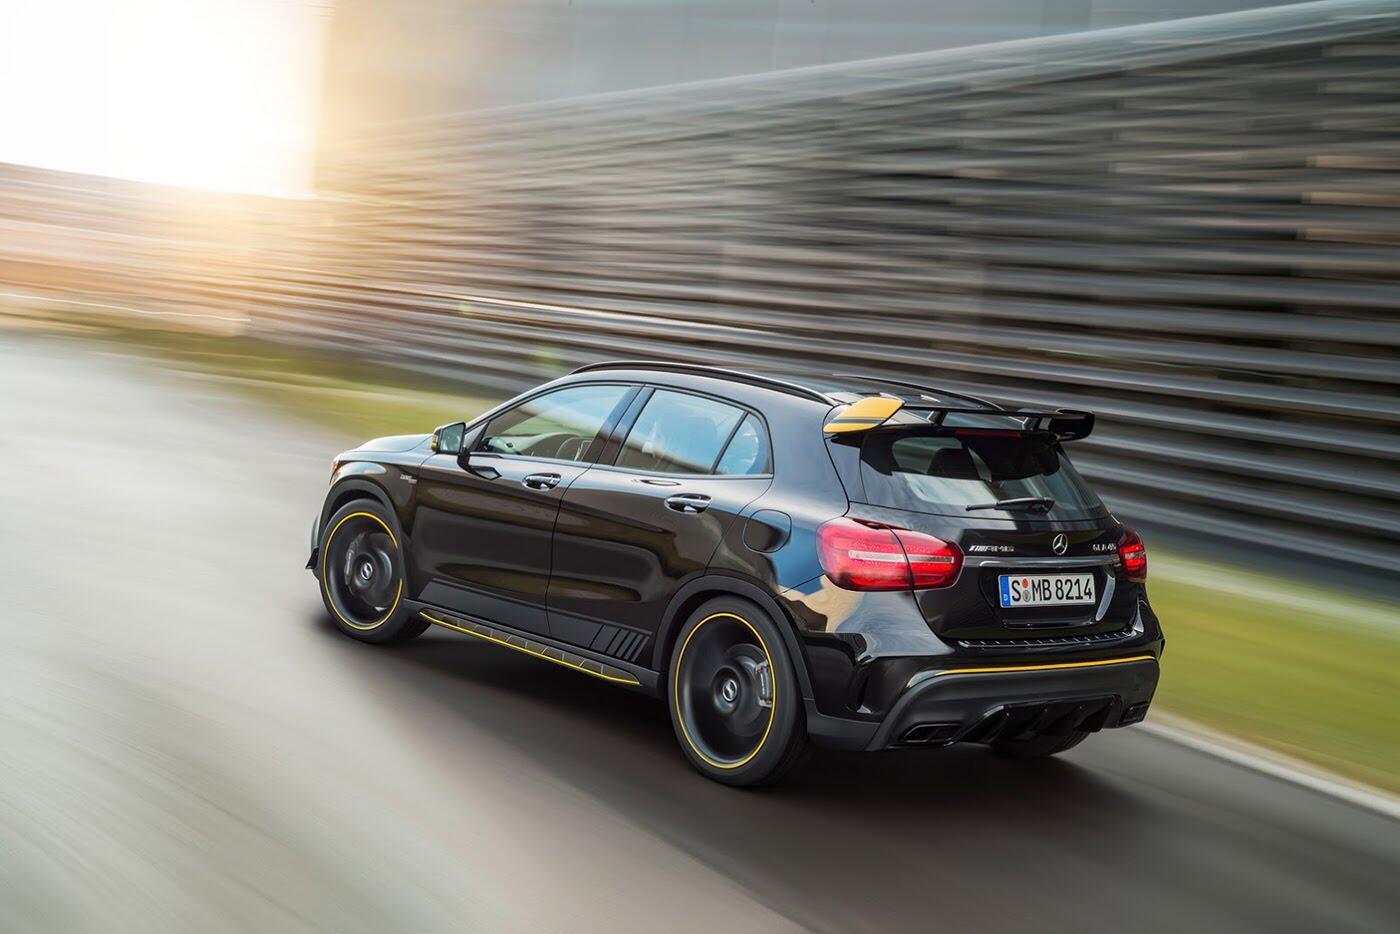 Mercedes GLA bản nâng cấp có giá từ 43.900 USD - Hình 2